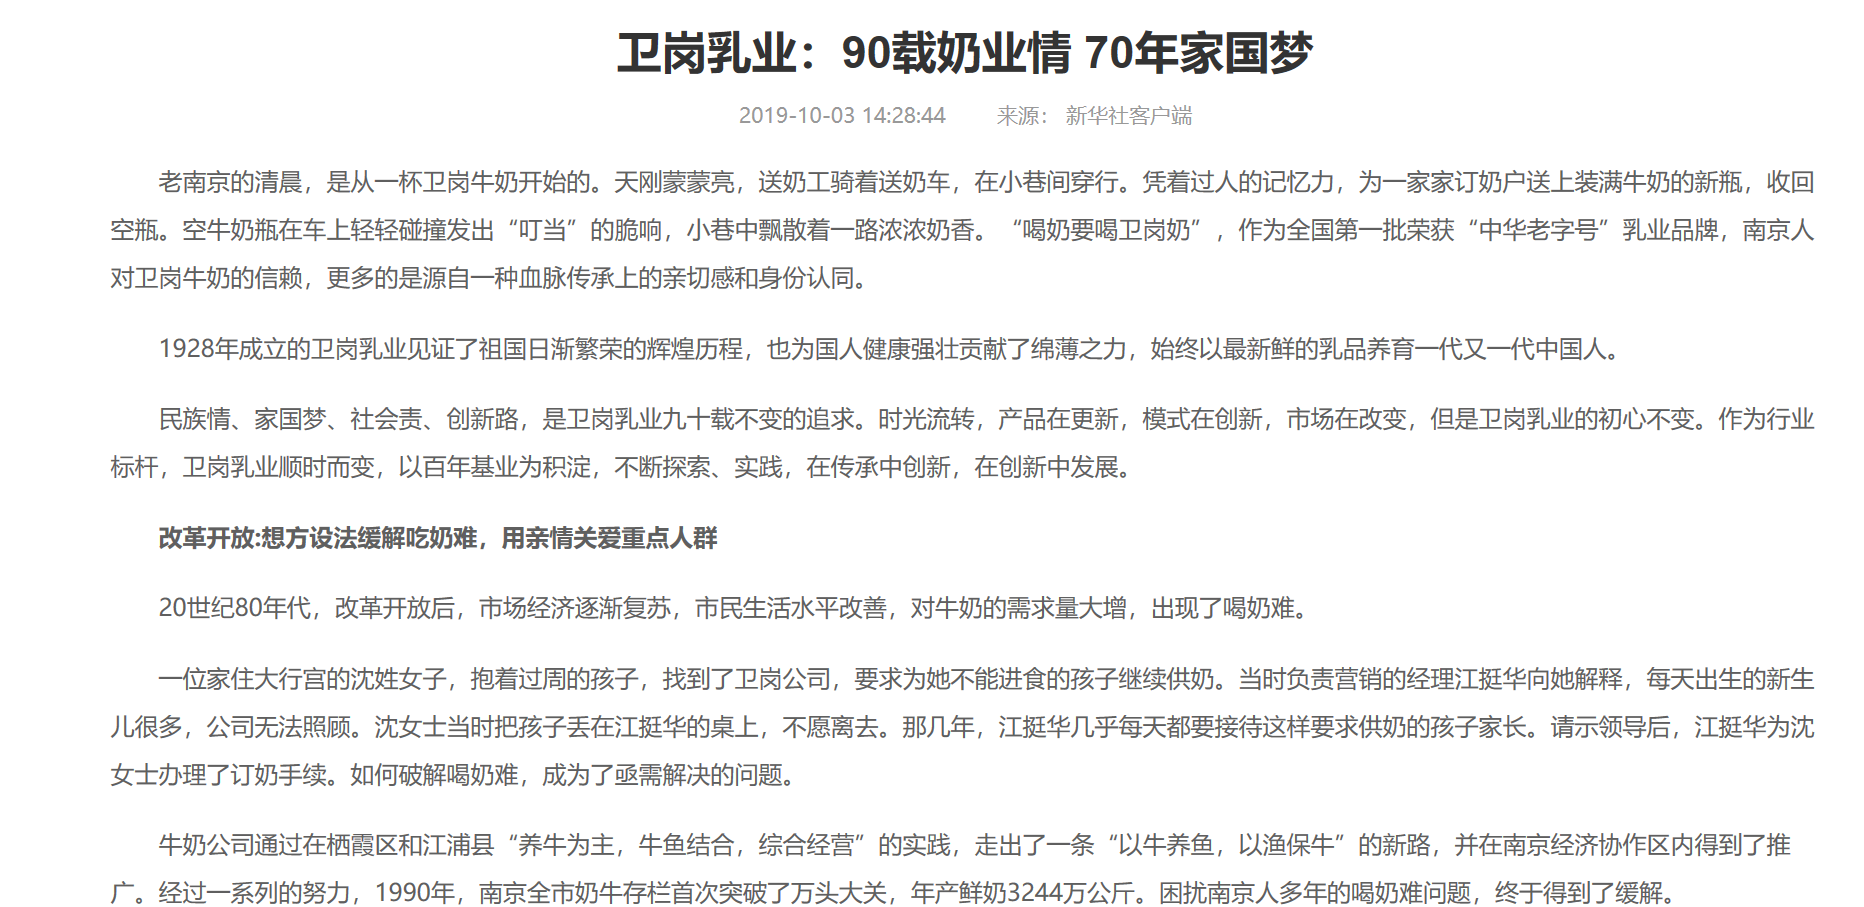 新華社-衛崗乳業:90載奶業情70年家國夢